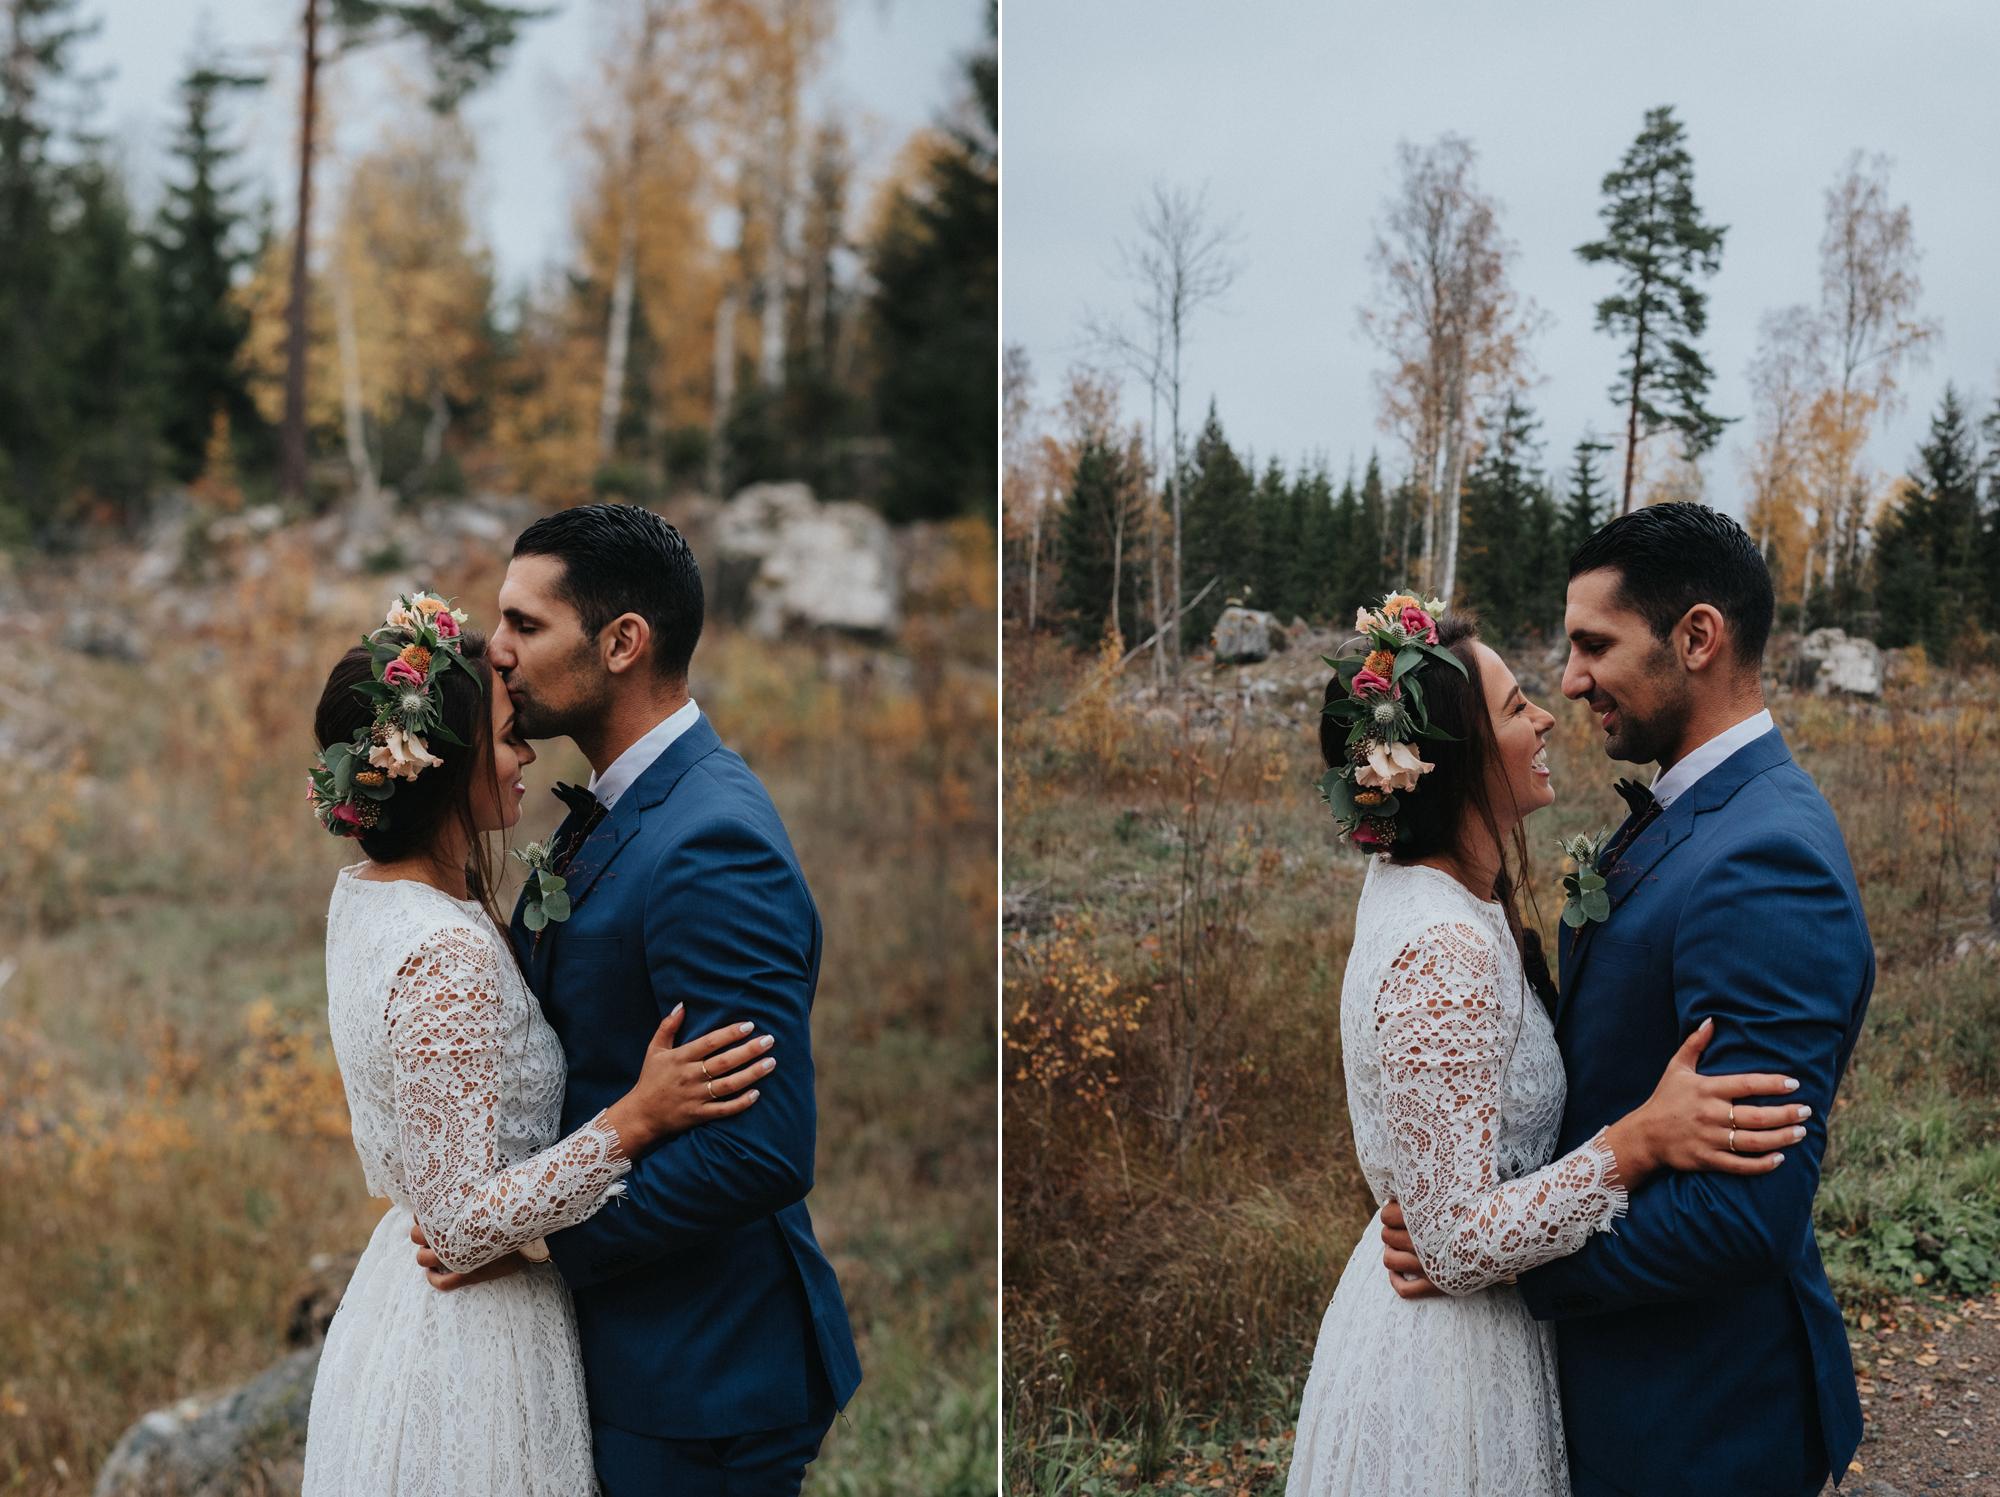 016-bröllopsfotograf-uppsala-neas-fotografi.jpg